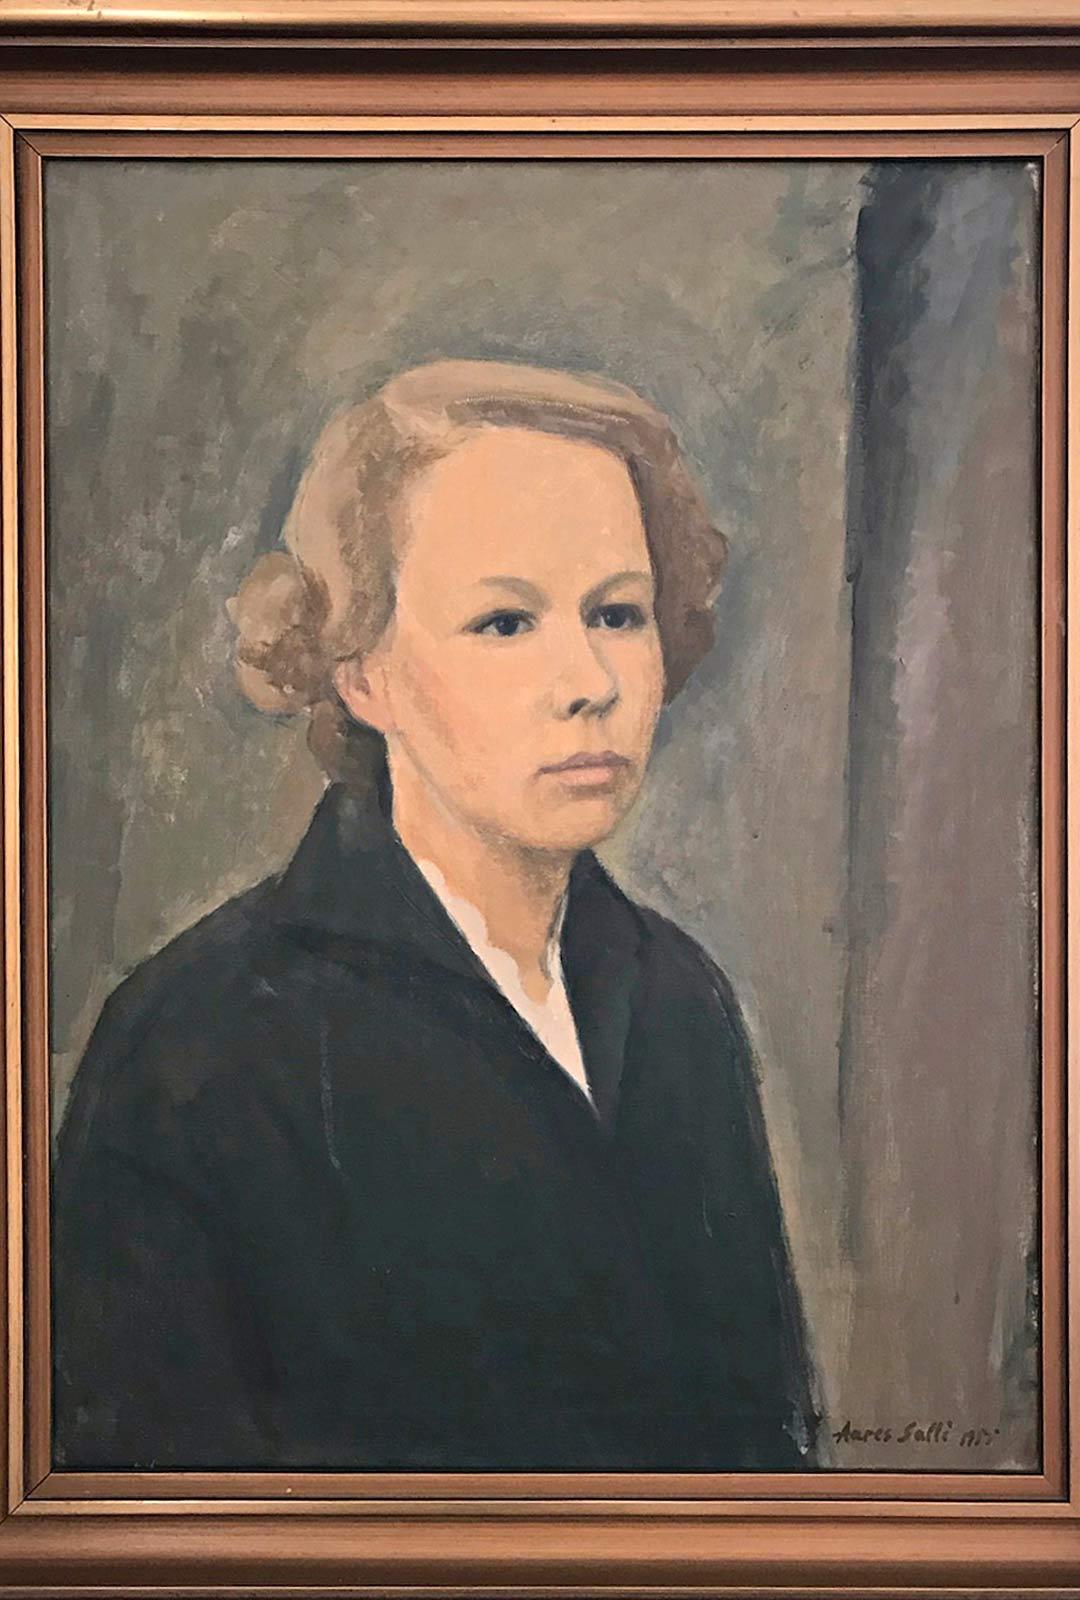 Nyblinin valokuvaamossa otettu potretti ja taiteilija Aares Sallin sen pohjalta tekemä maalaus hallitsivat Eeron mielikuvaa äidistä vuosikymmenten ajan.